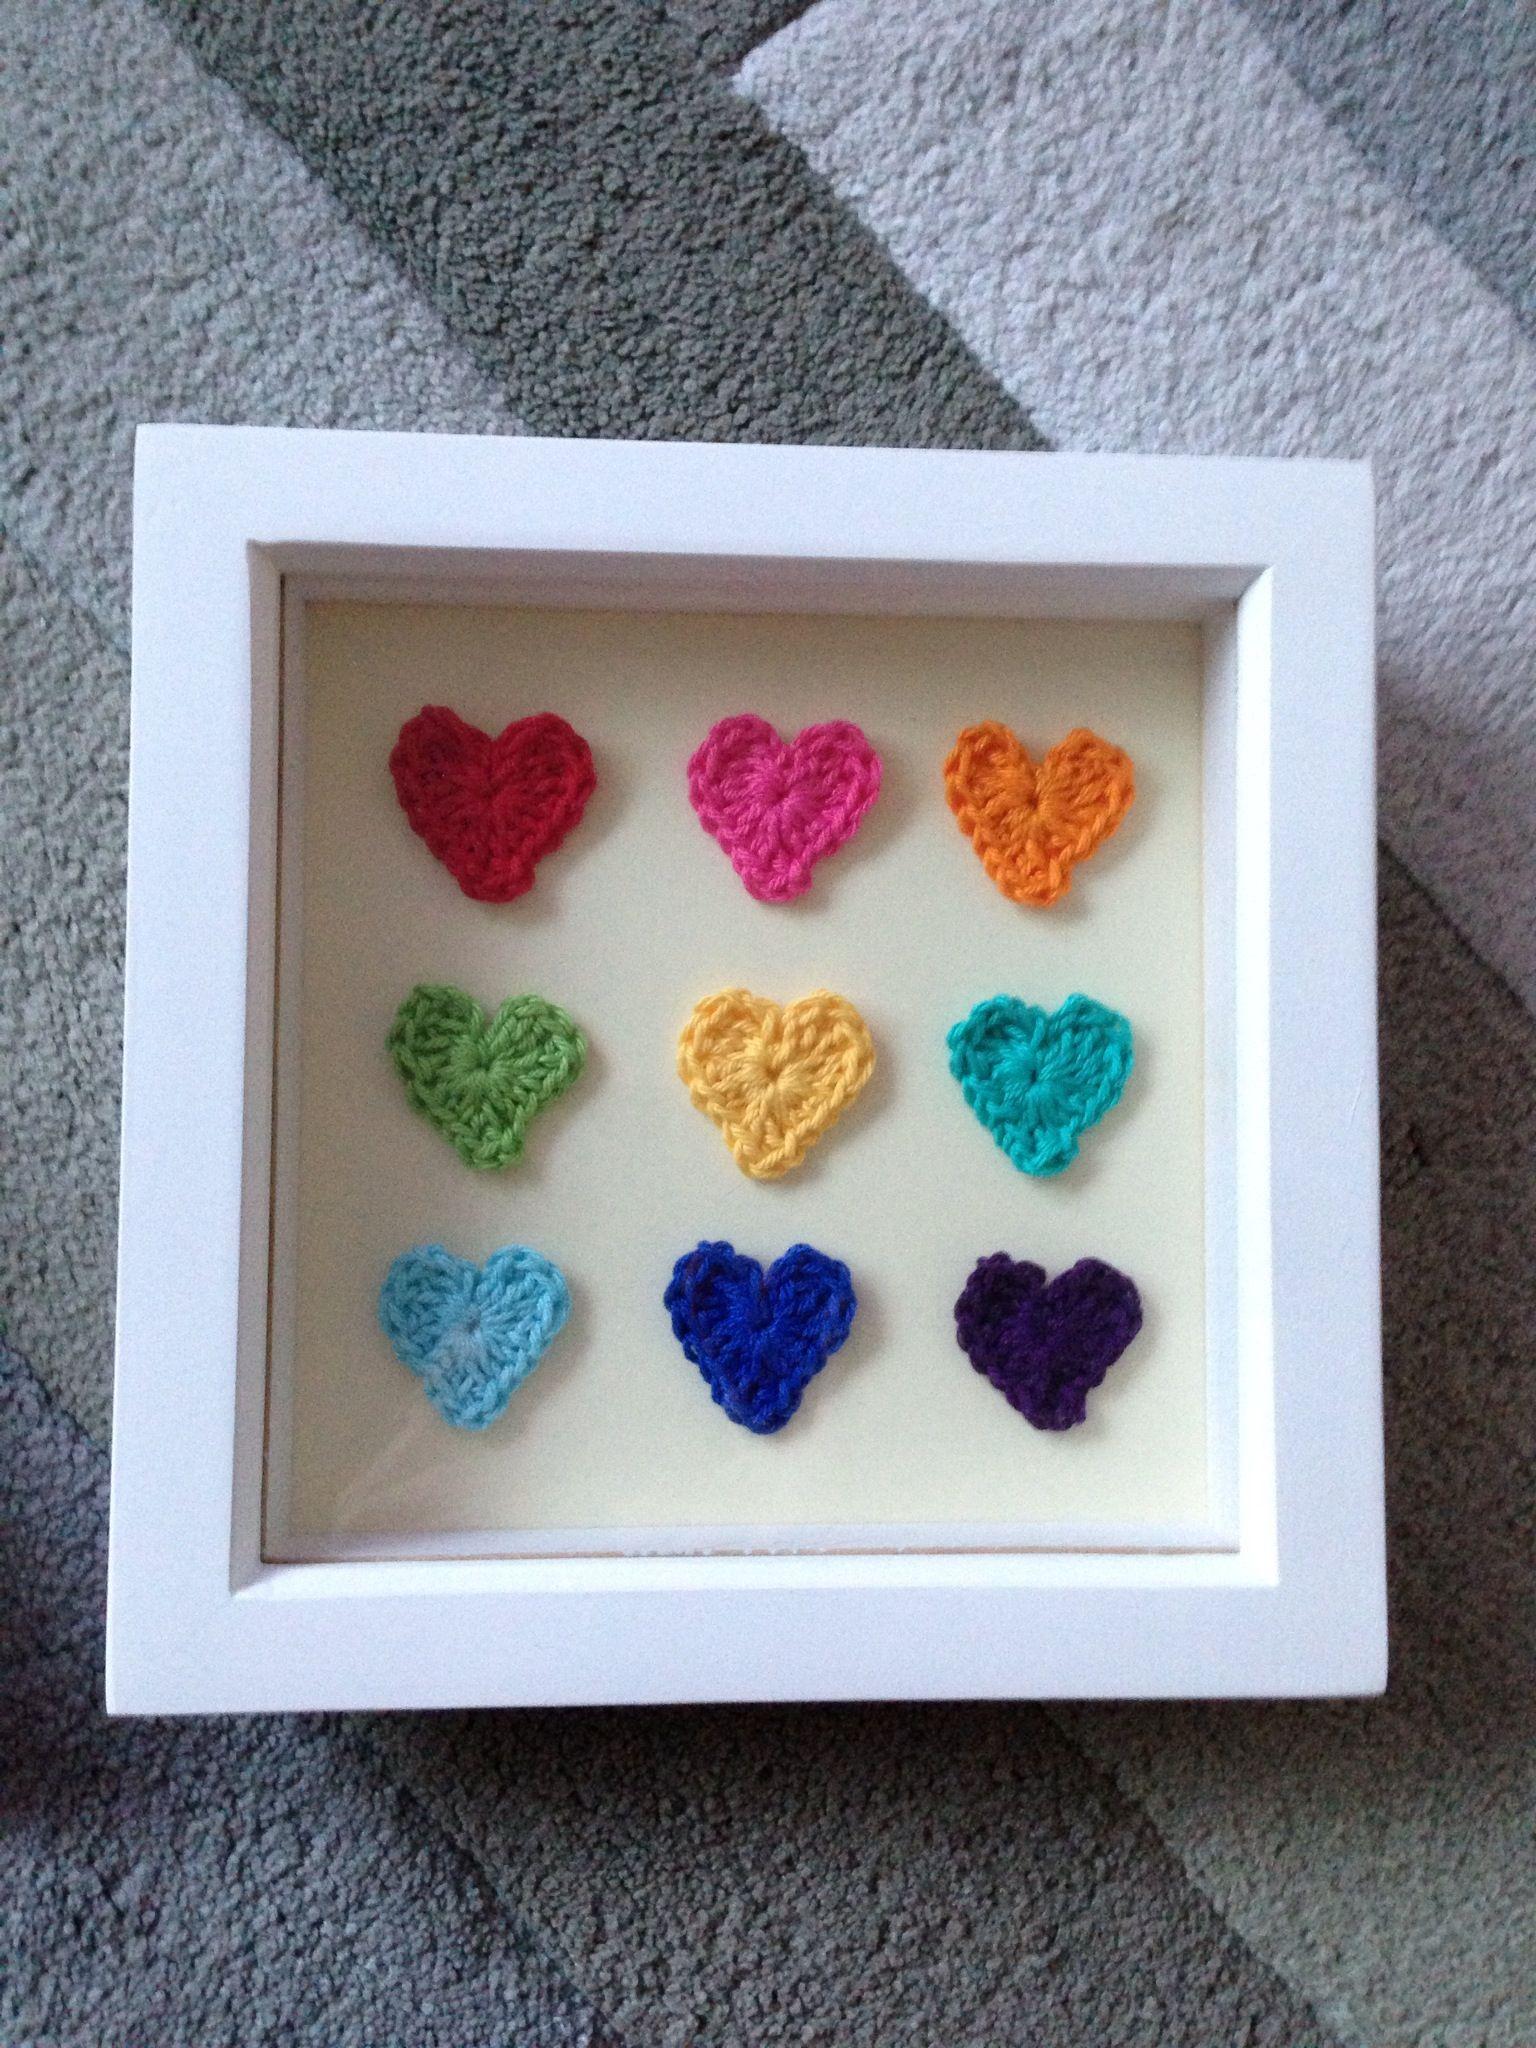 Rainbow crochet hearts in a box frame. | Rainbow crochet | Pinterest ...